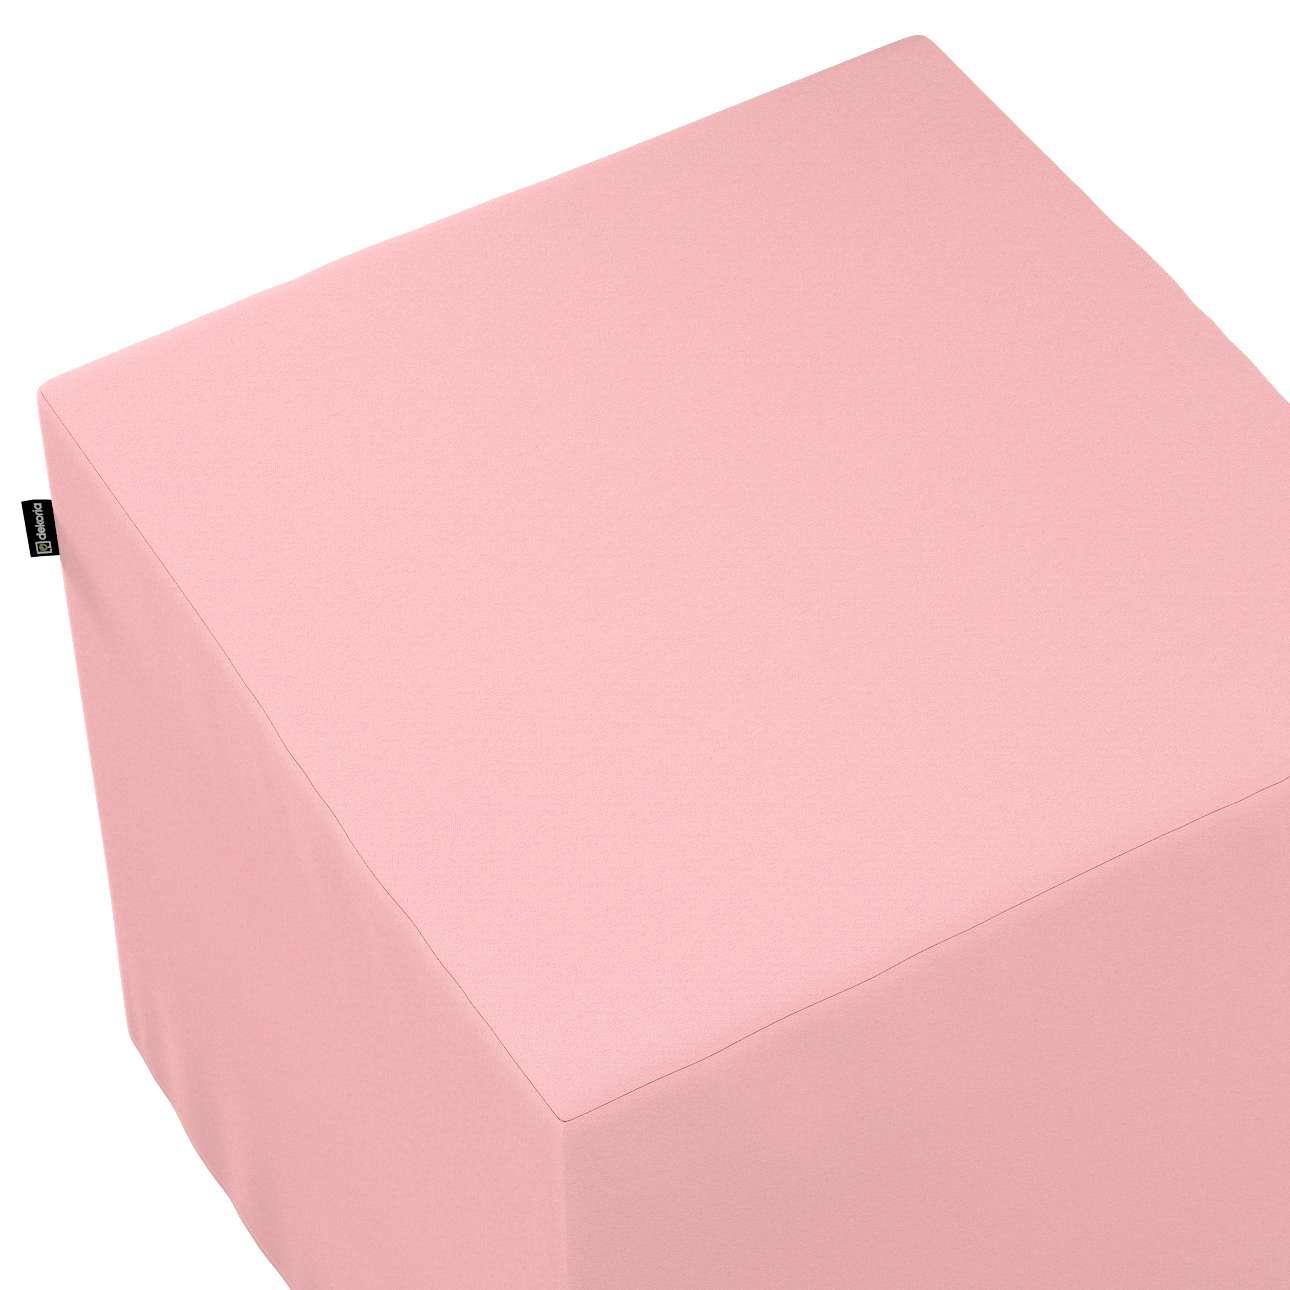 Pokrowiec na pufę kostkę w kolekcji Loneta, tkanina: 133-39